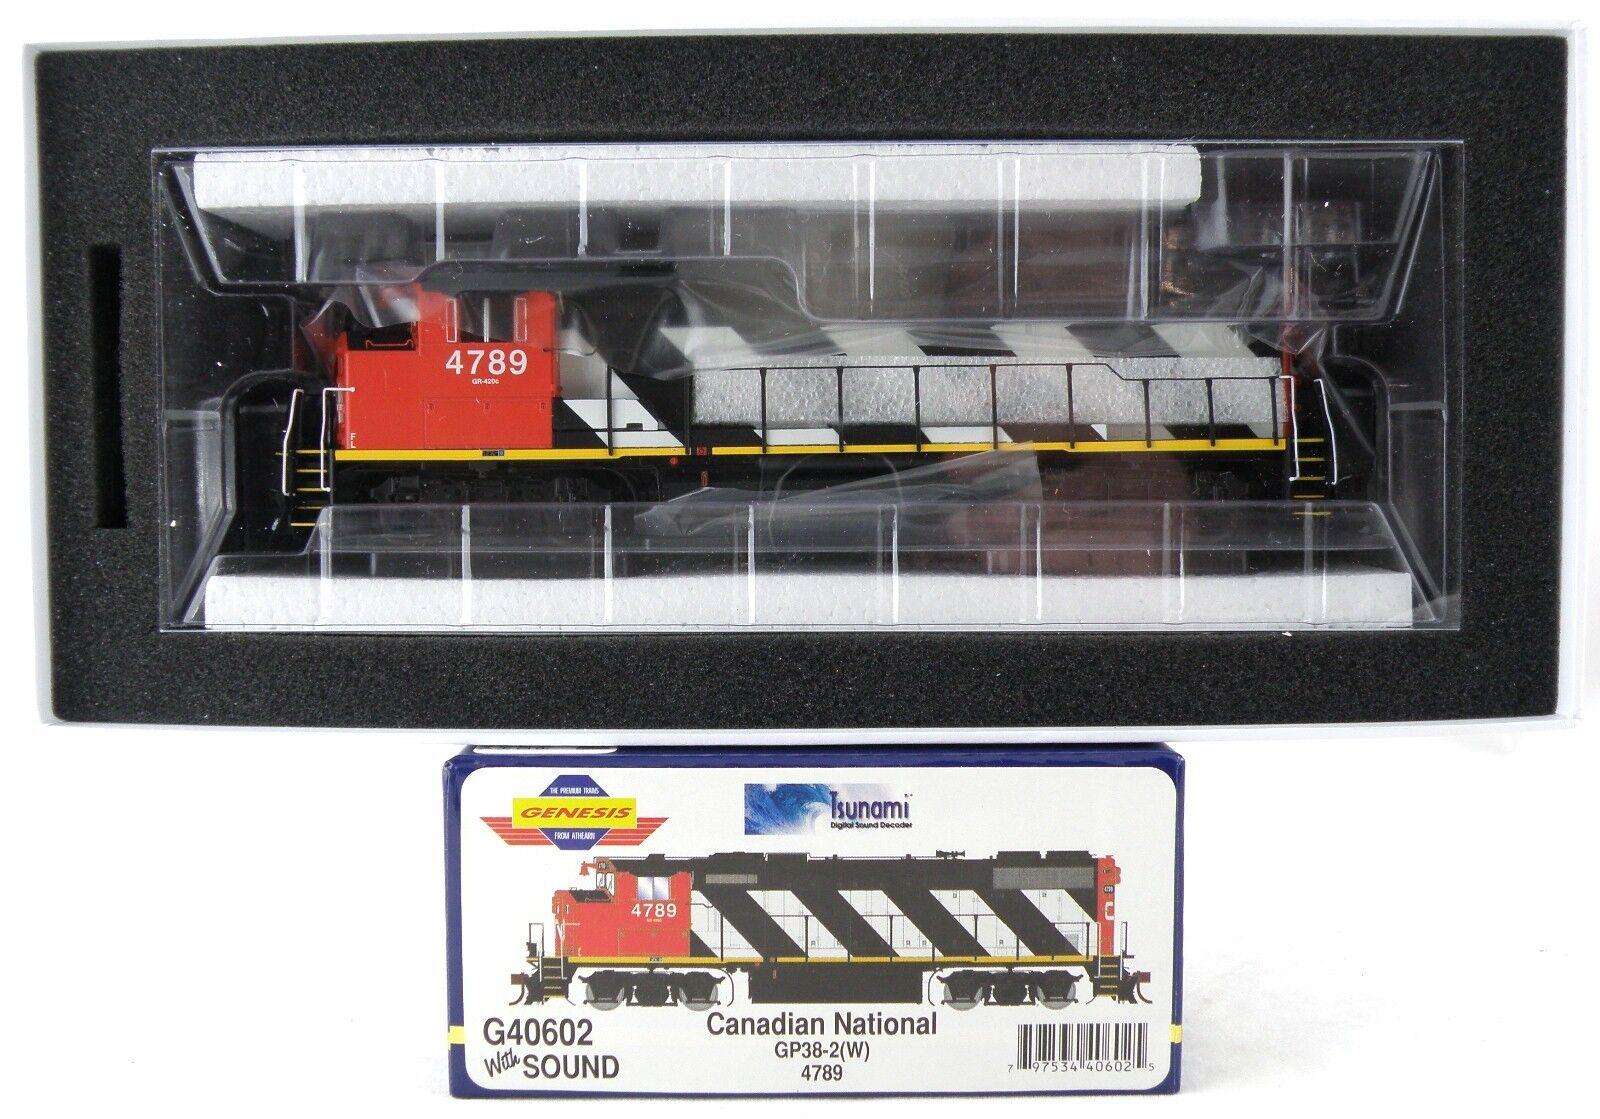 HO GP38-2W Locomotive w DCC & Sound - Canadian National  4789 - Athearn  G40602